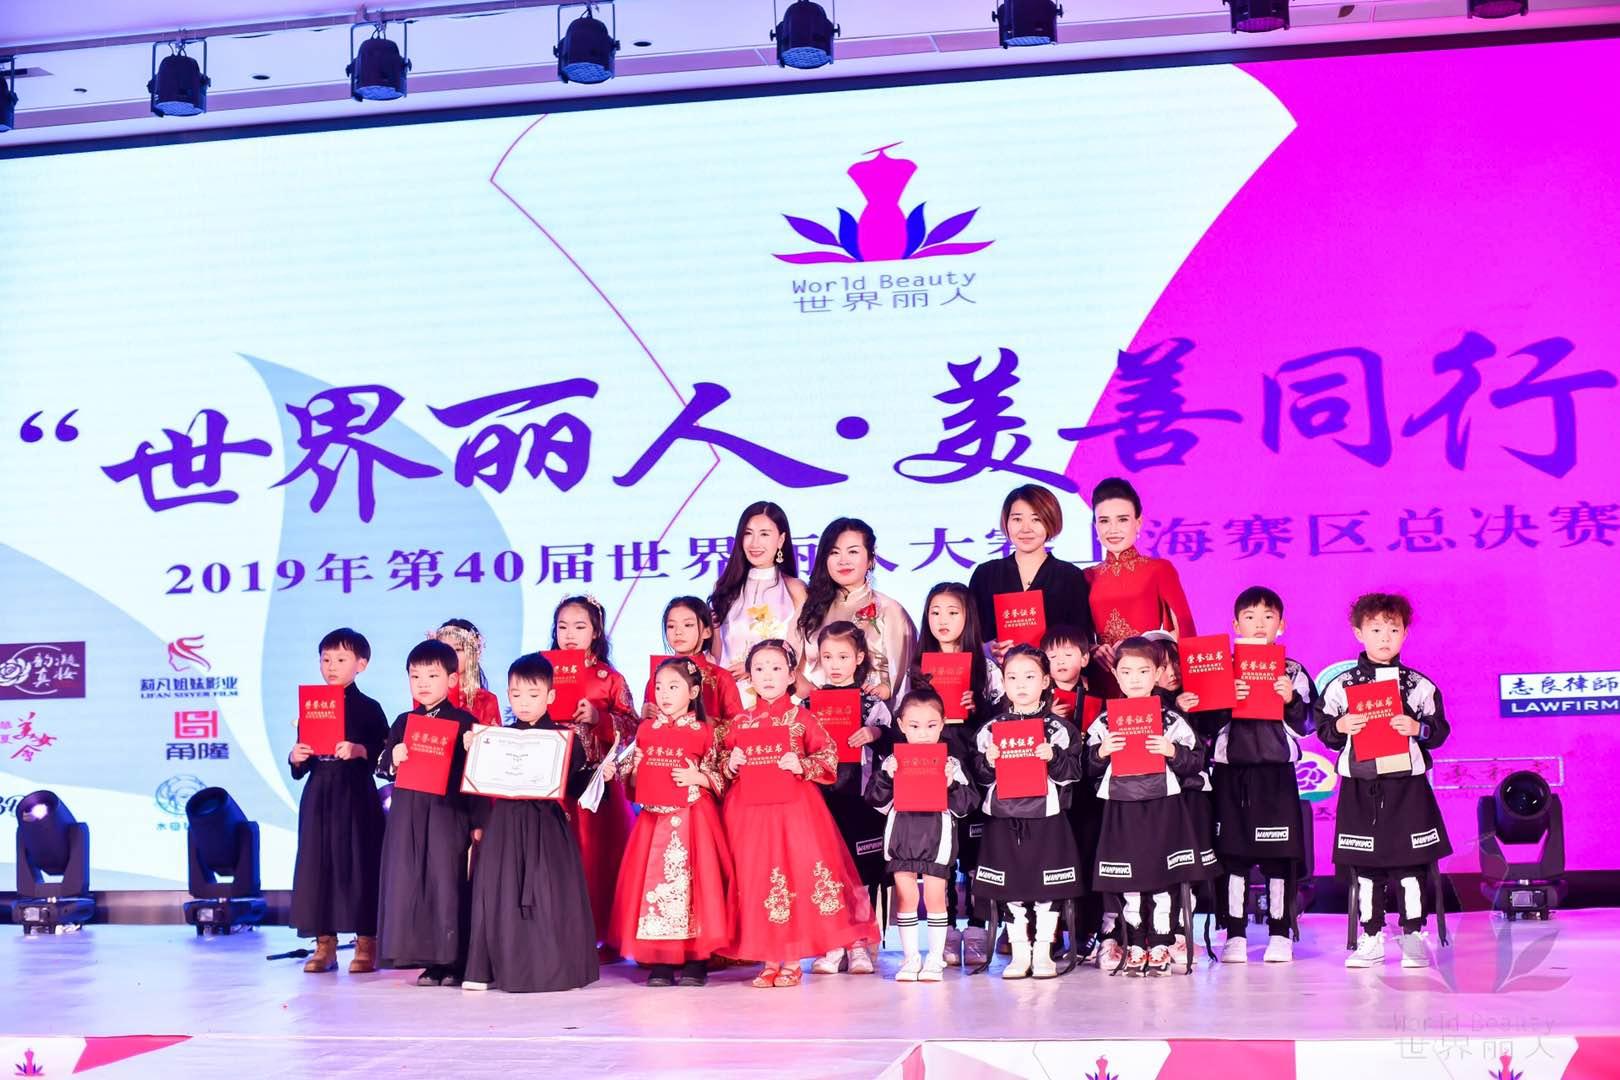 荣耀盛世——第40届世界丽人大赛上海赛区总决赛圆满落幕插图(2)